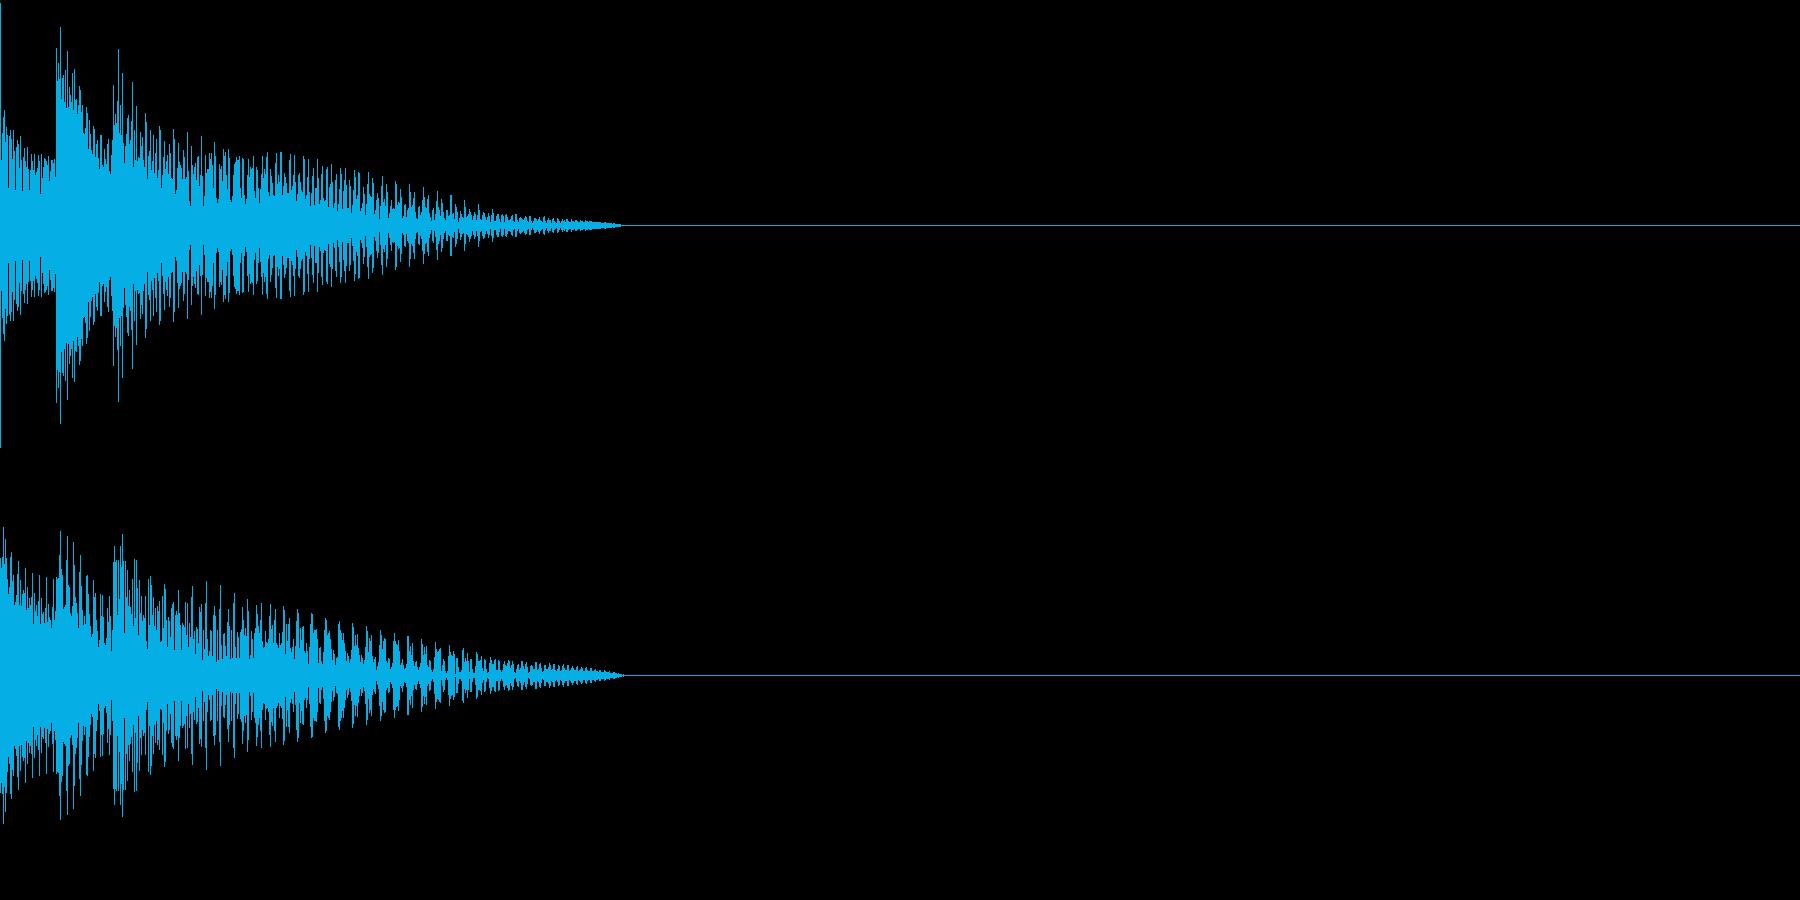 Cursor セレクト・カーソルの音12の再生済みの波形